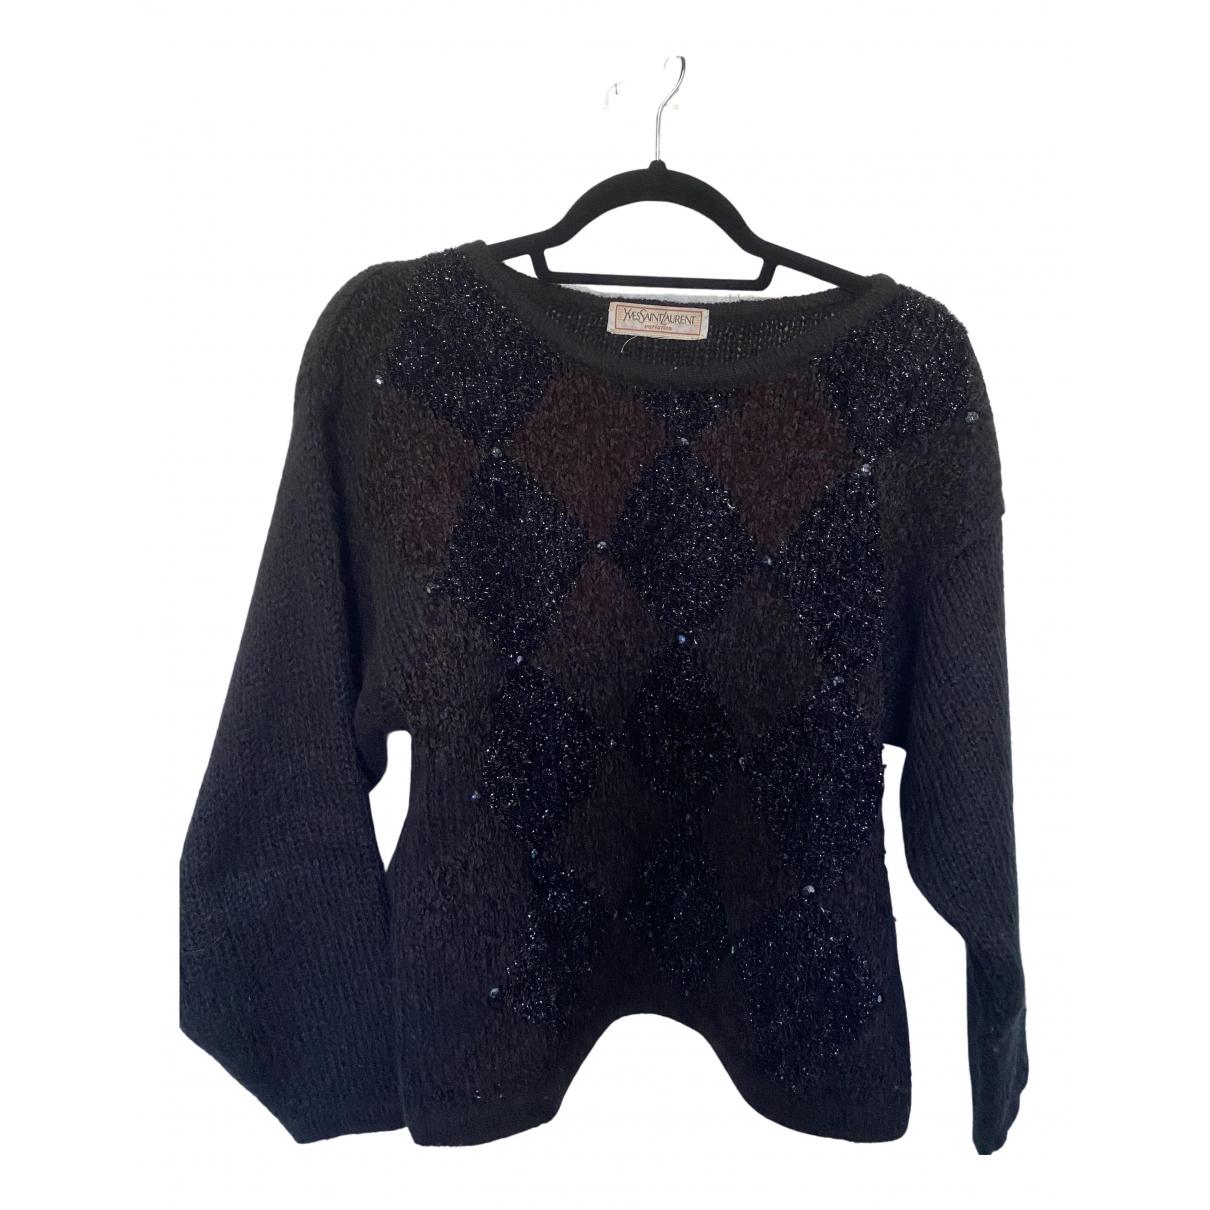 Yves Saint Laurent - Pull   pour femme en laine - noir